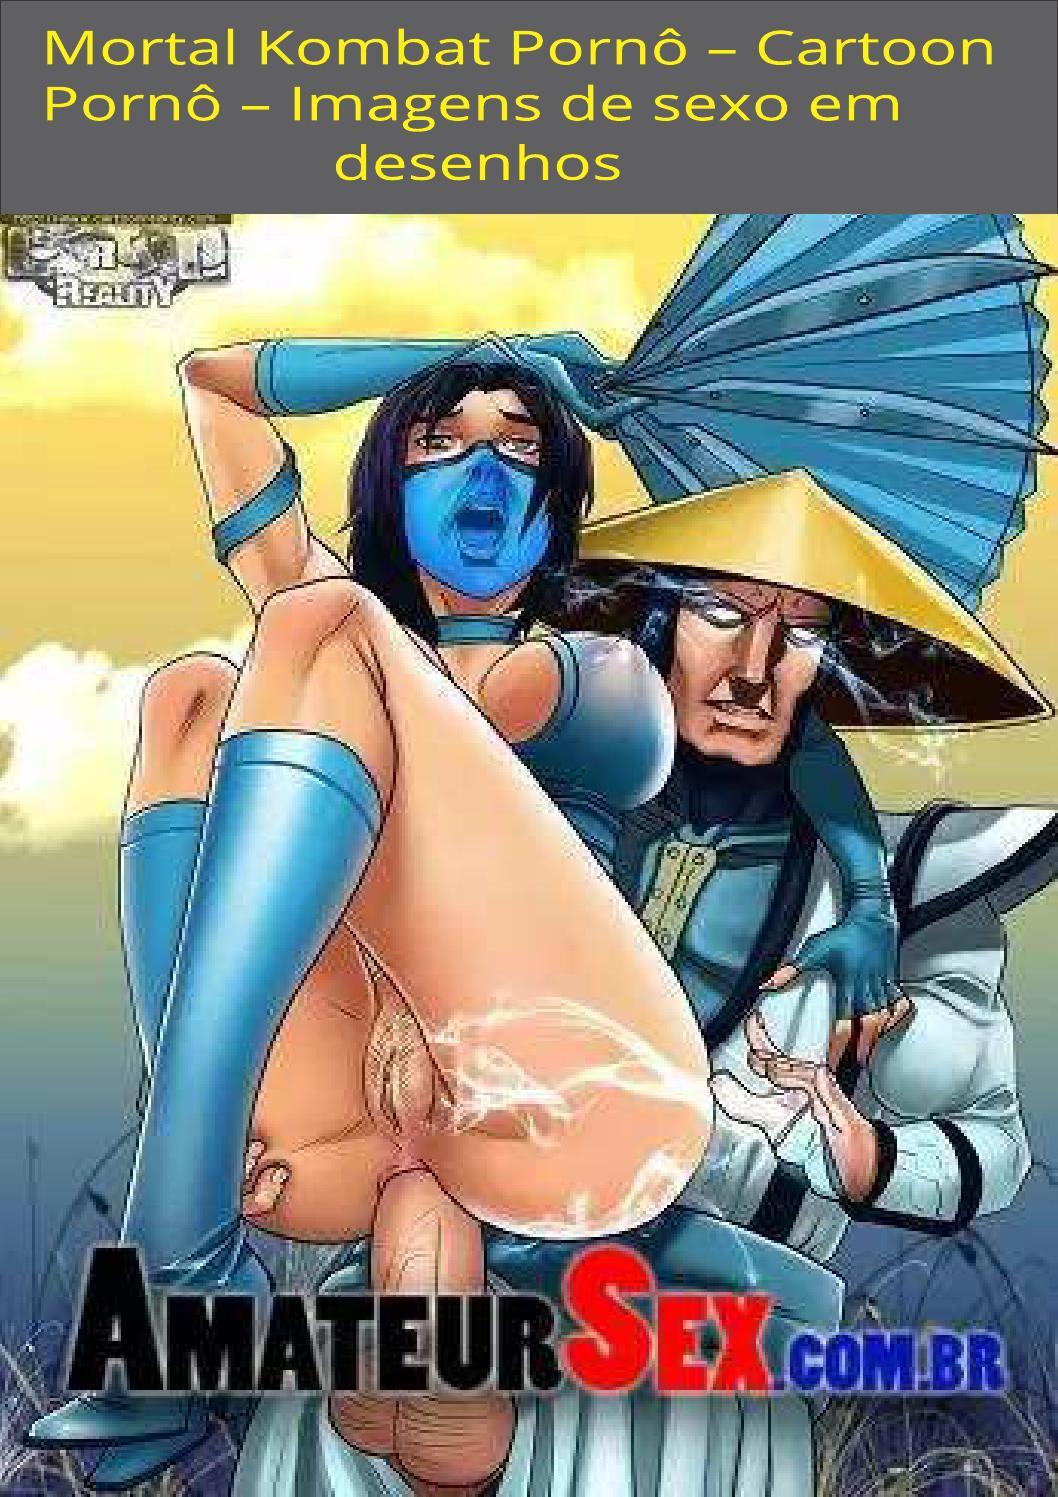 Mortal kombat sex toon xnxxvdieos smut pics